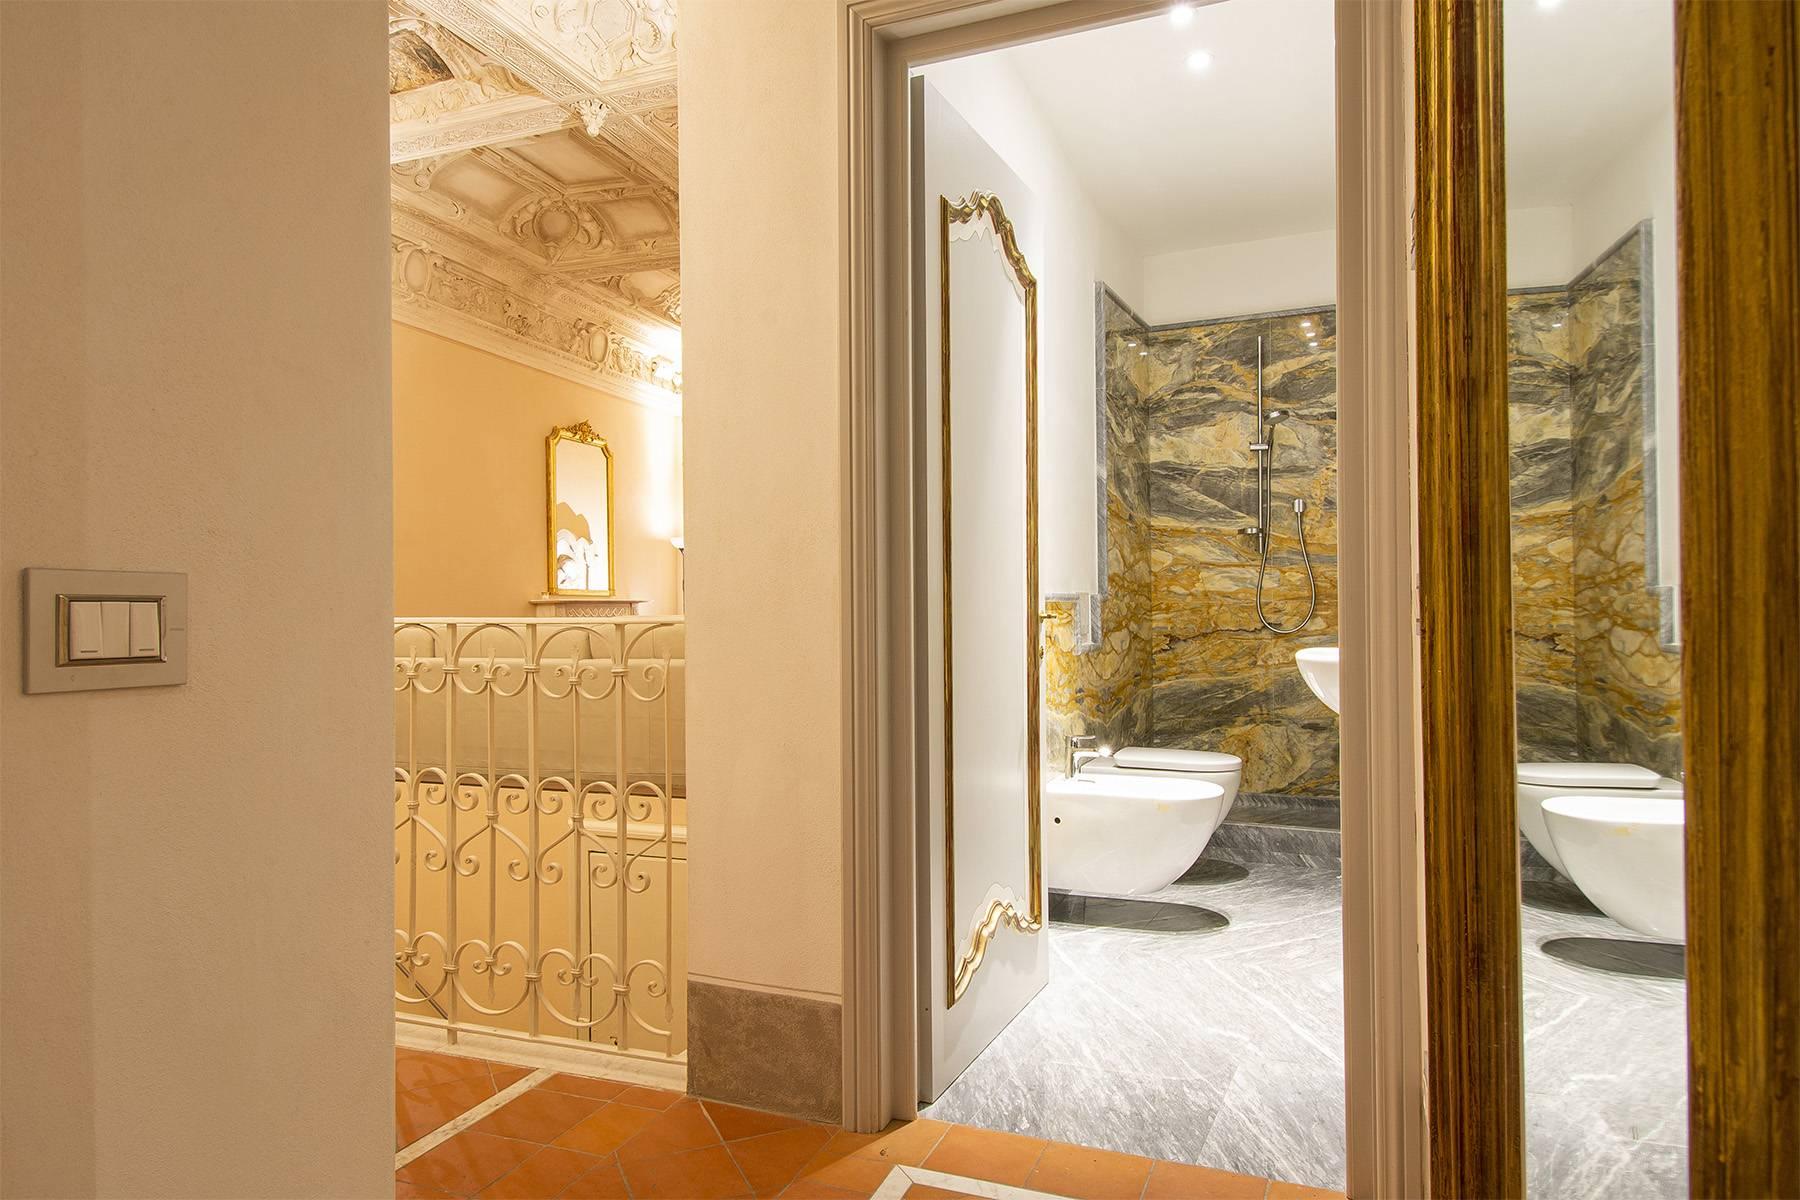 Appartamento in Affitto a Lucca: 2 locali, 50 mq - Foto 9